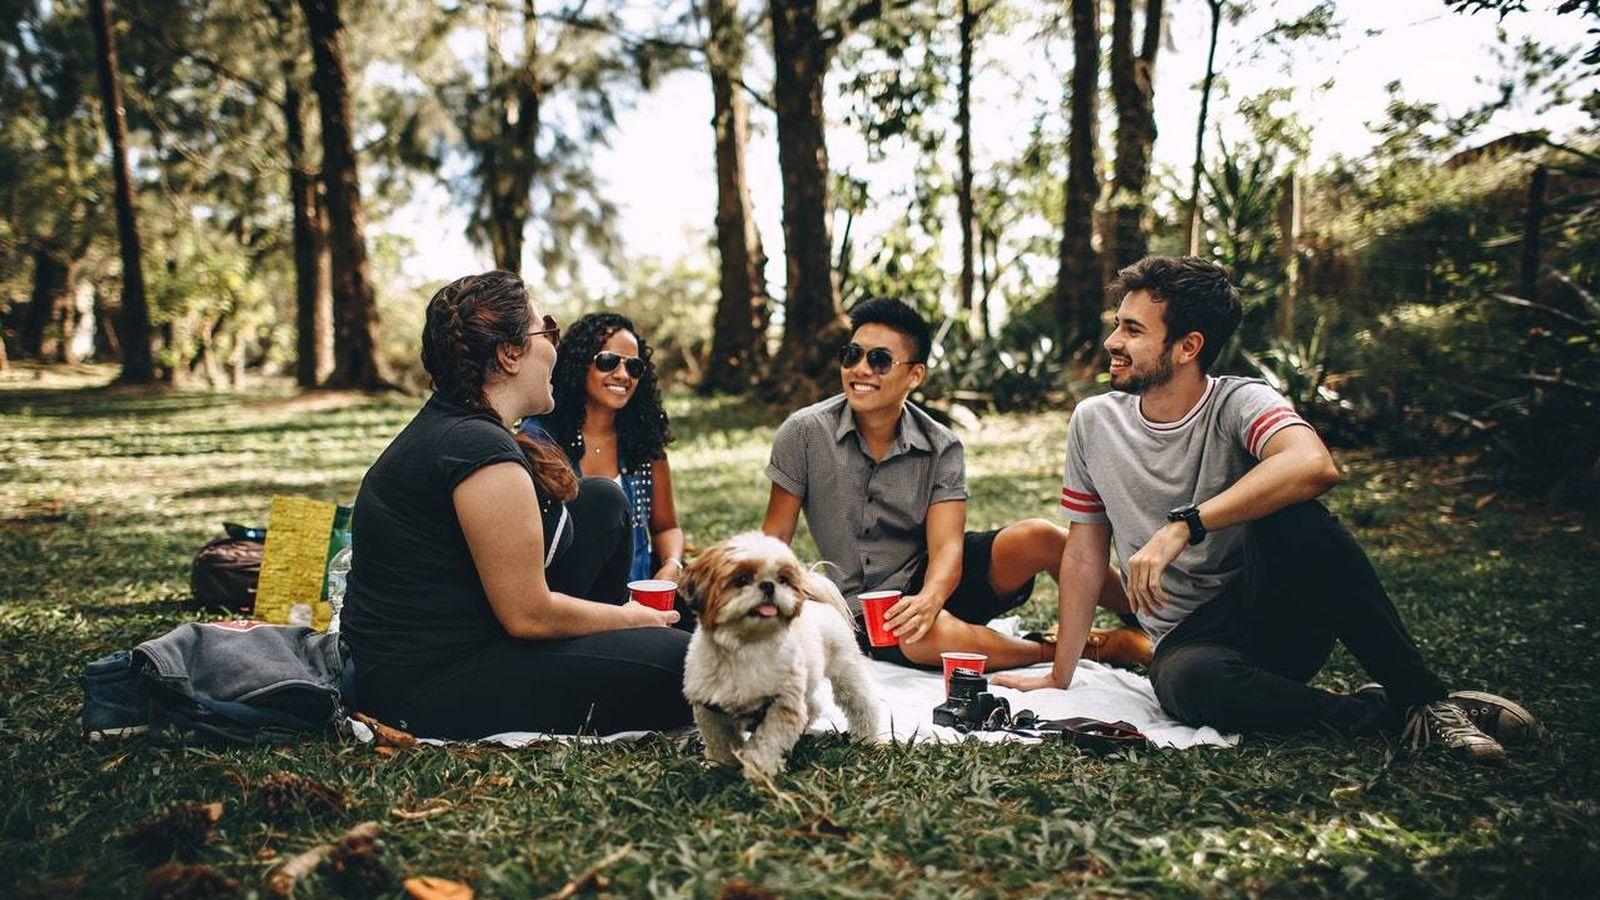 Foto: Grupo de amigos haciendo un picnic.